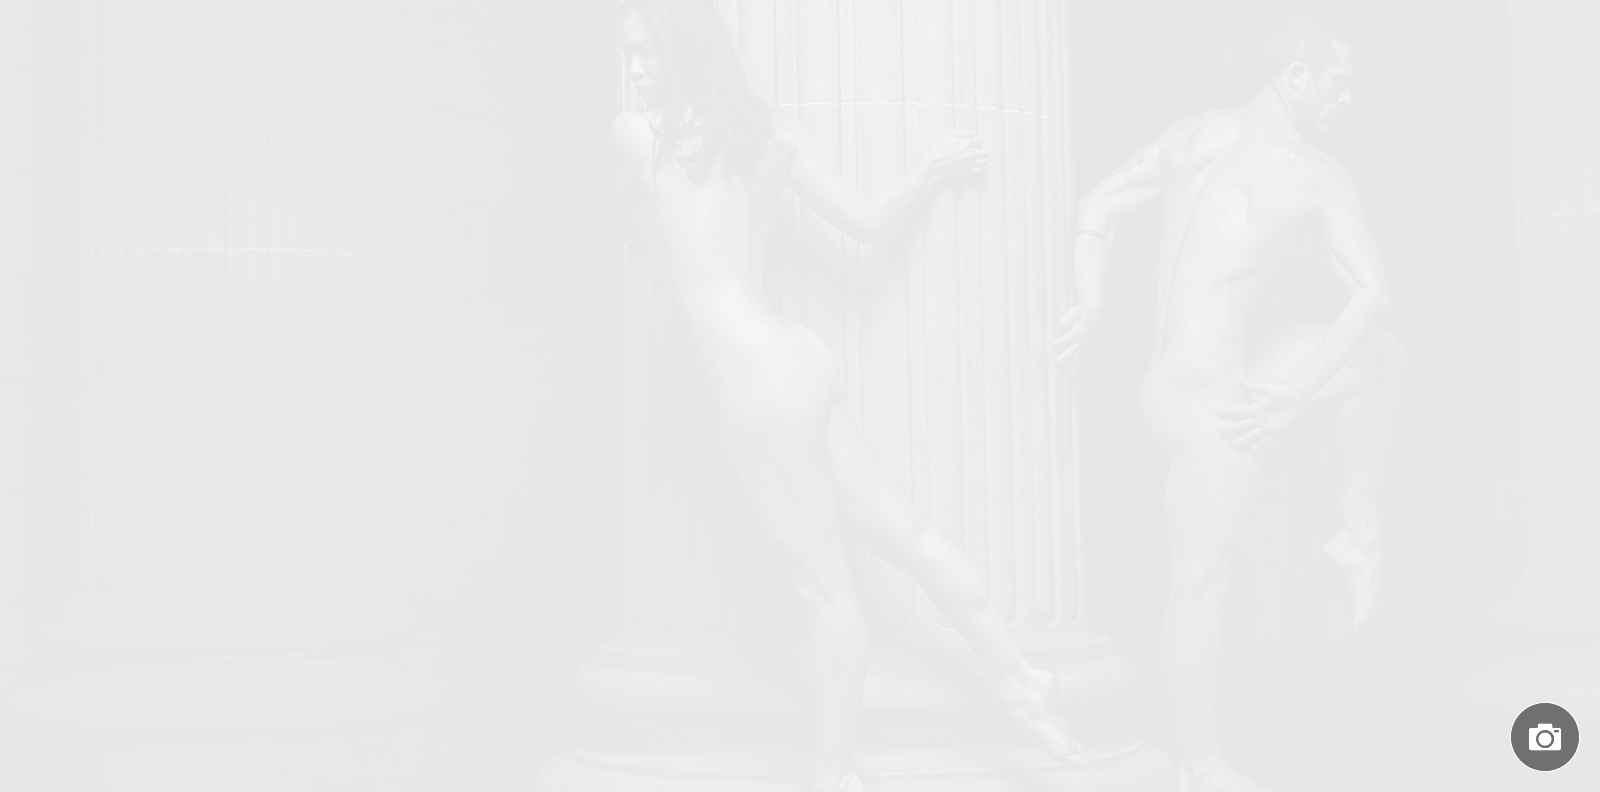 Първи танцов спектакъл в света за напълно голи изпълнители и зрители